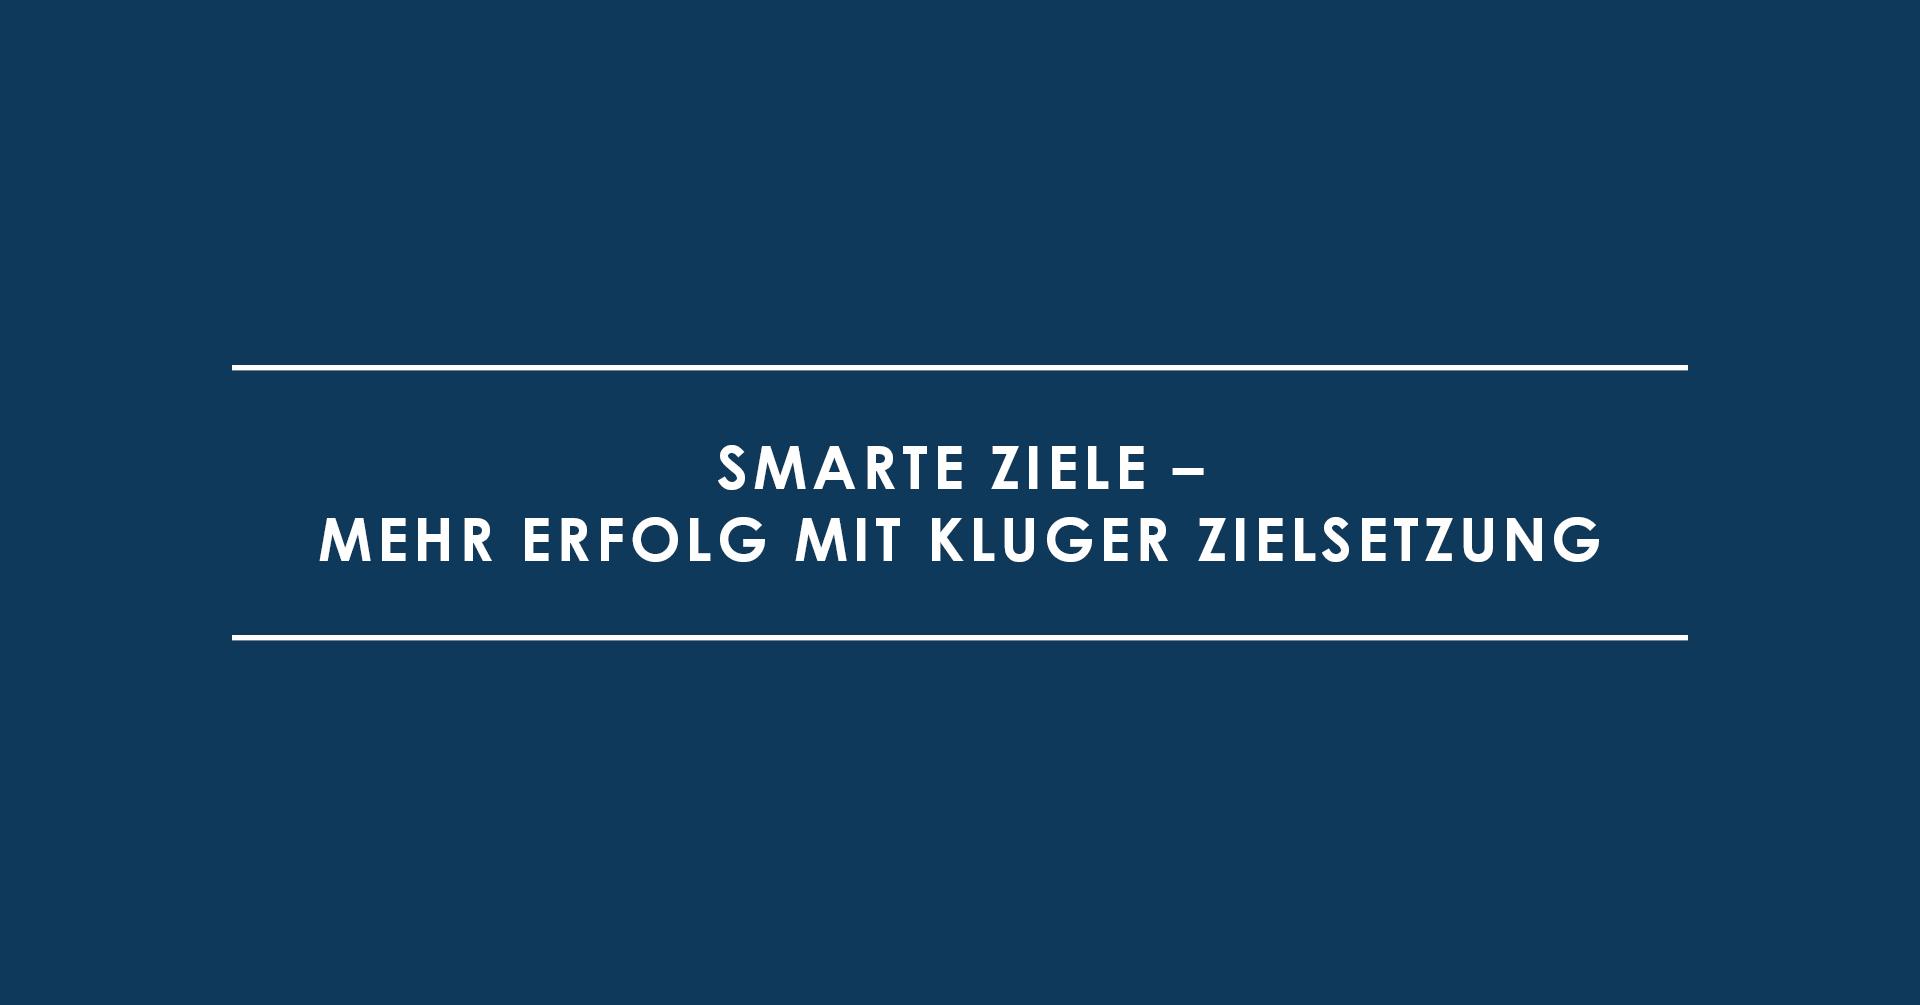 SMARTE Ziele – Mehr Erfolg mit kluger Zielsetzung